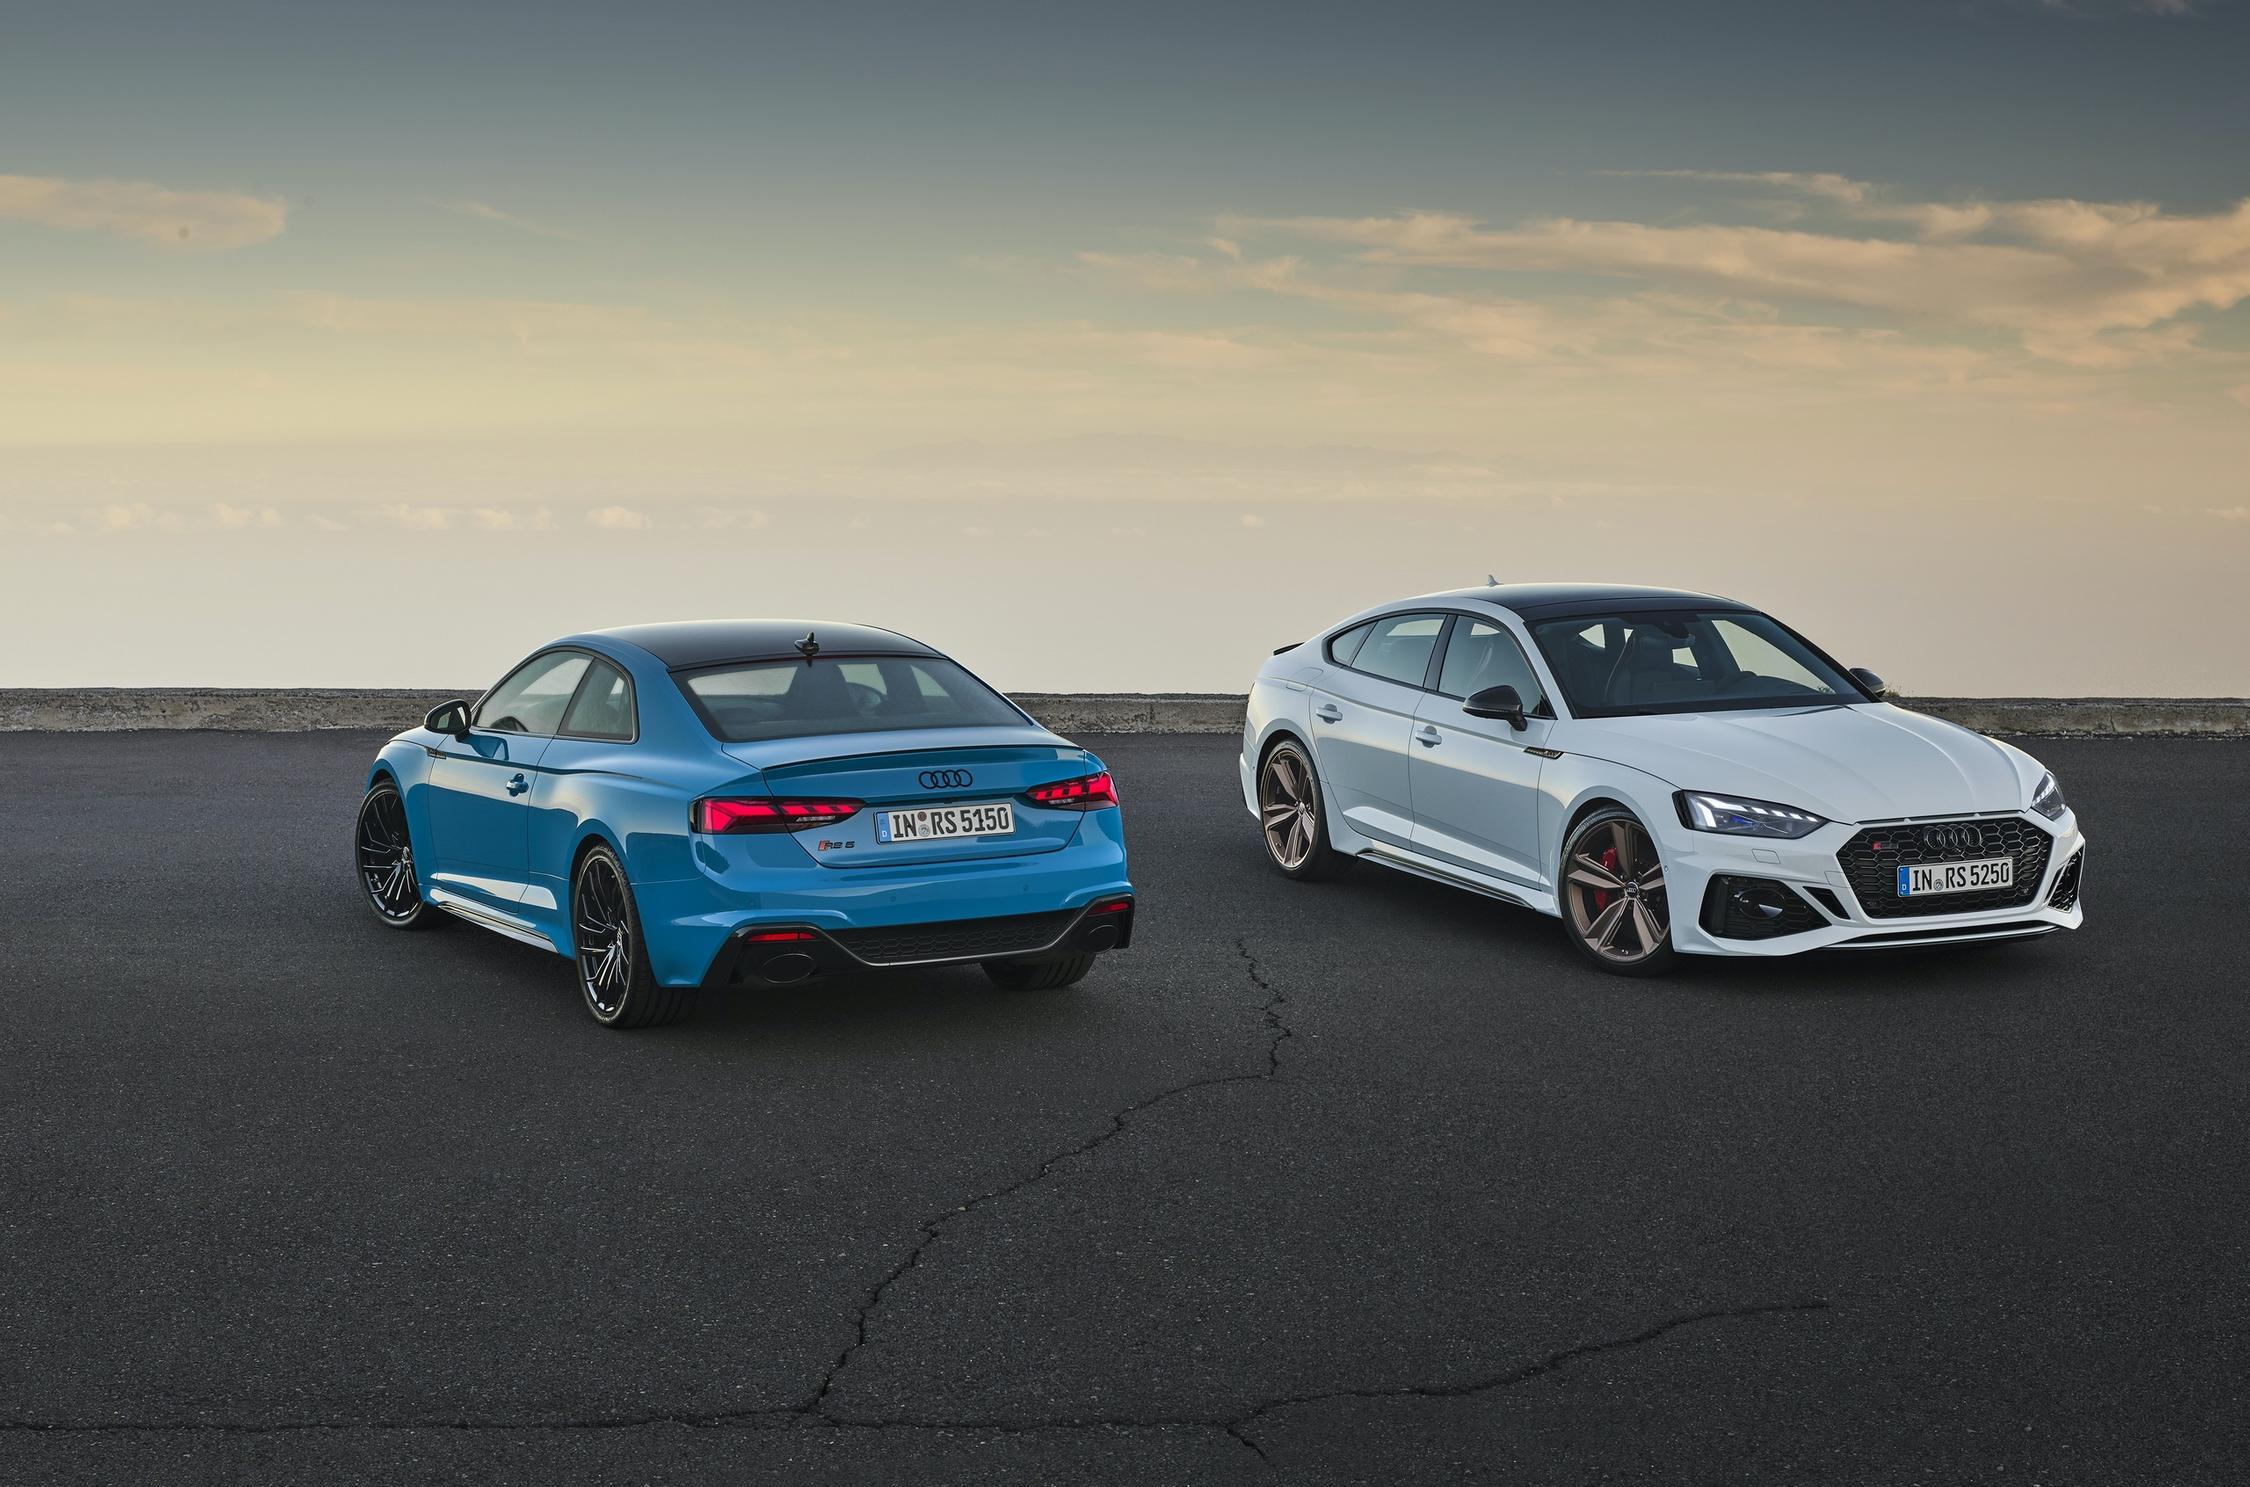 Три месяца назад компания Audi представила рестайлинговые версии семейства А5, а теперь обновление настигло самые «горячие» модификации – купе RS5 и лифтбек RS5 Sportback. Судя по всему, это последние новинки в гамме «эрэсок» в нынешнем году.